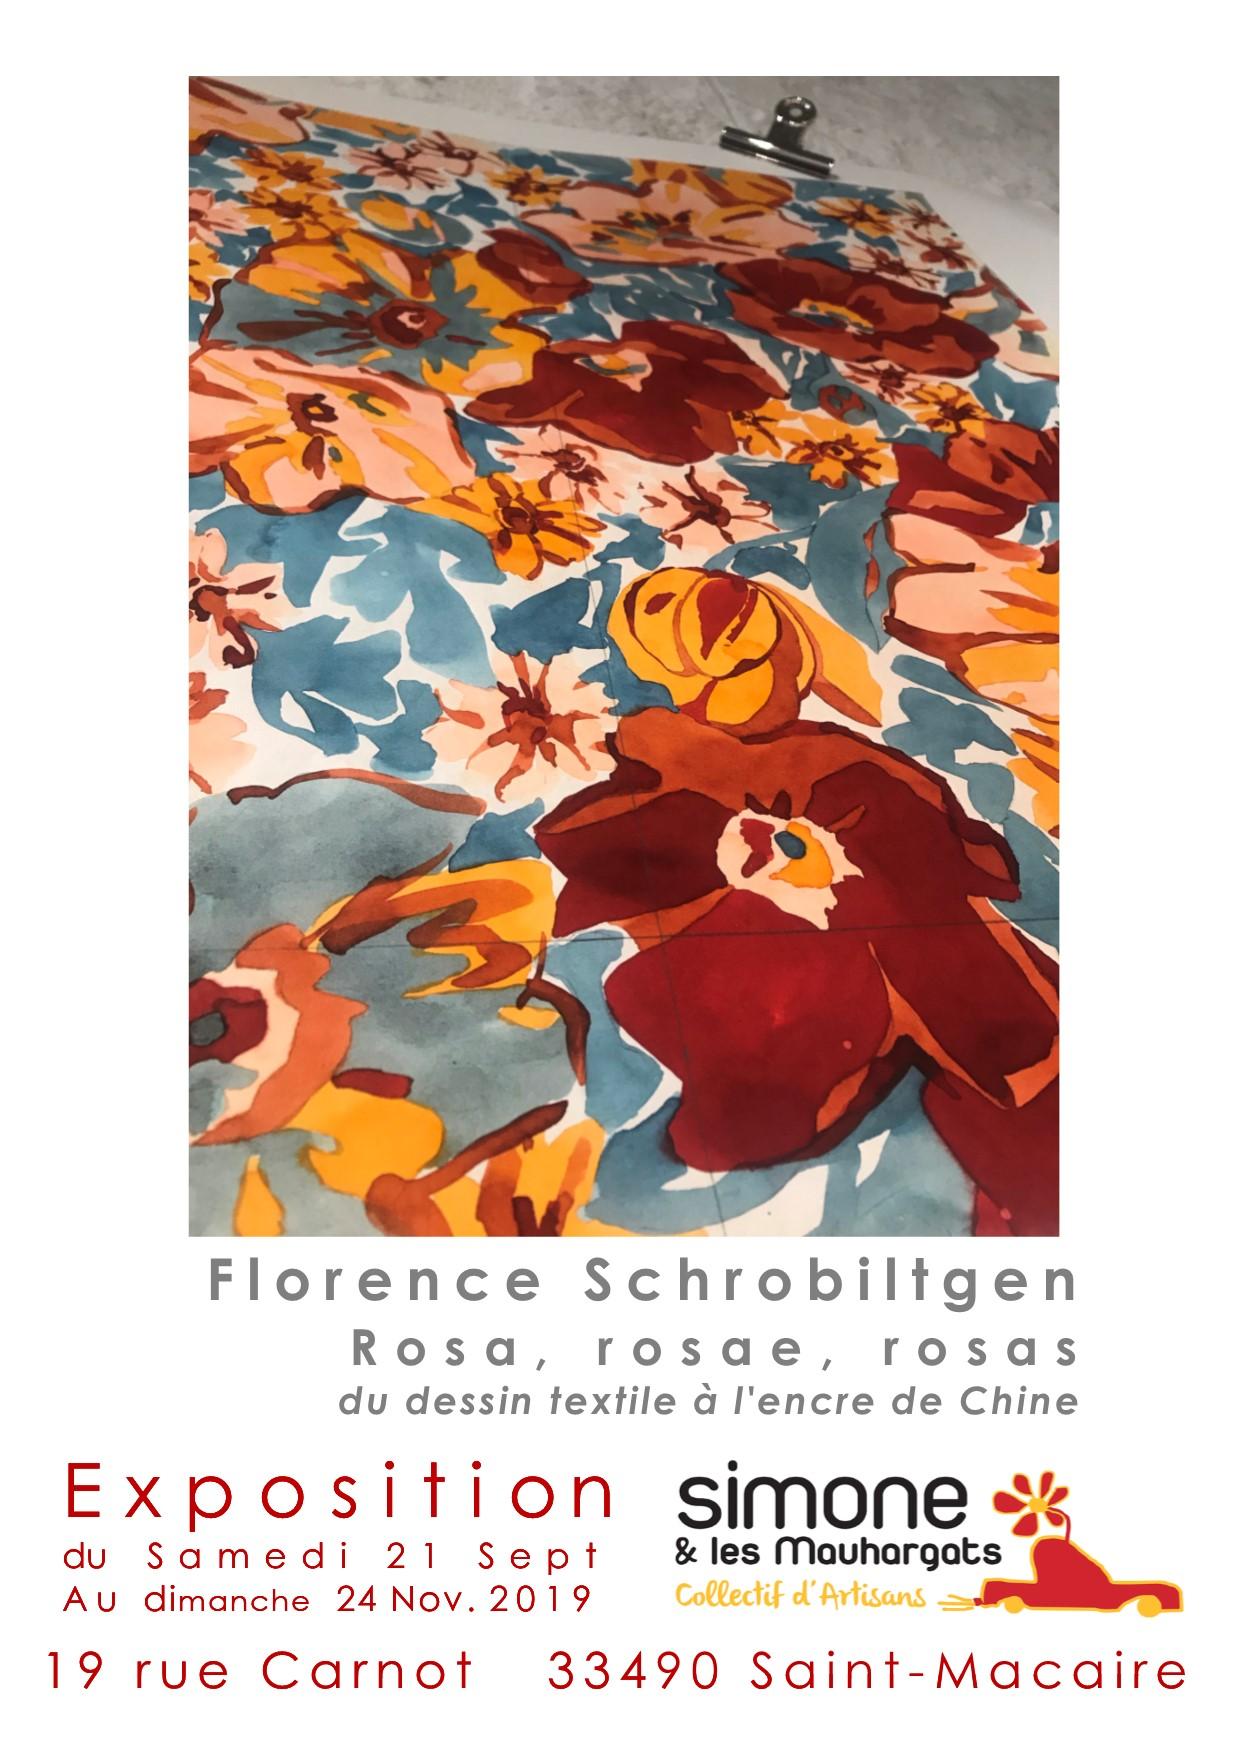 Exposition Florence Schrobiltgen